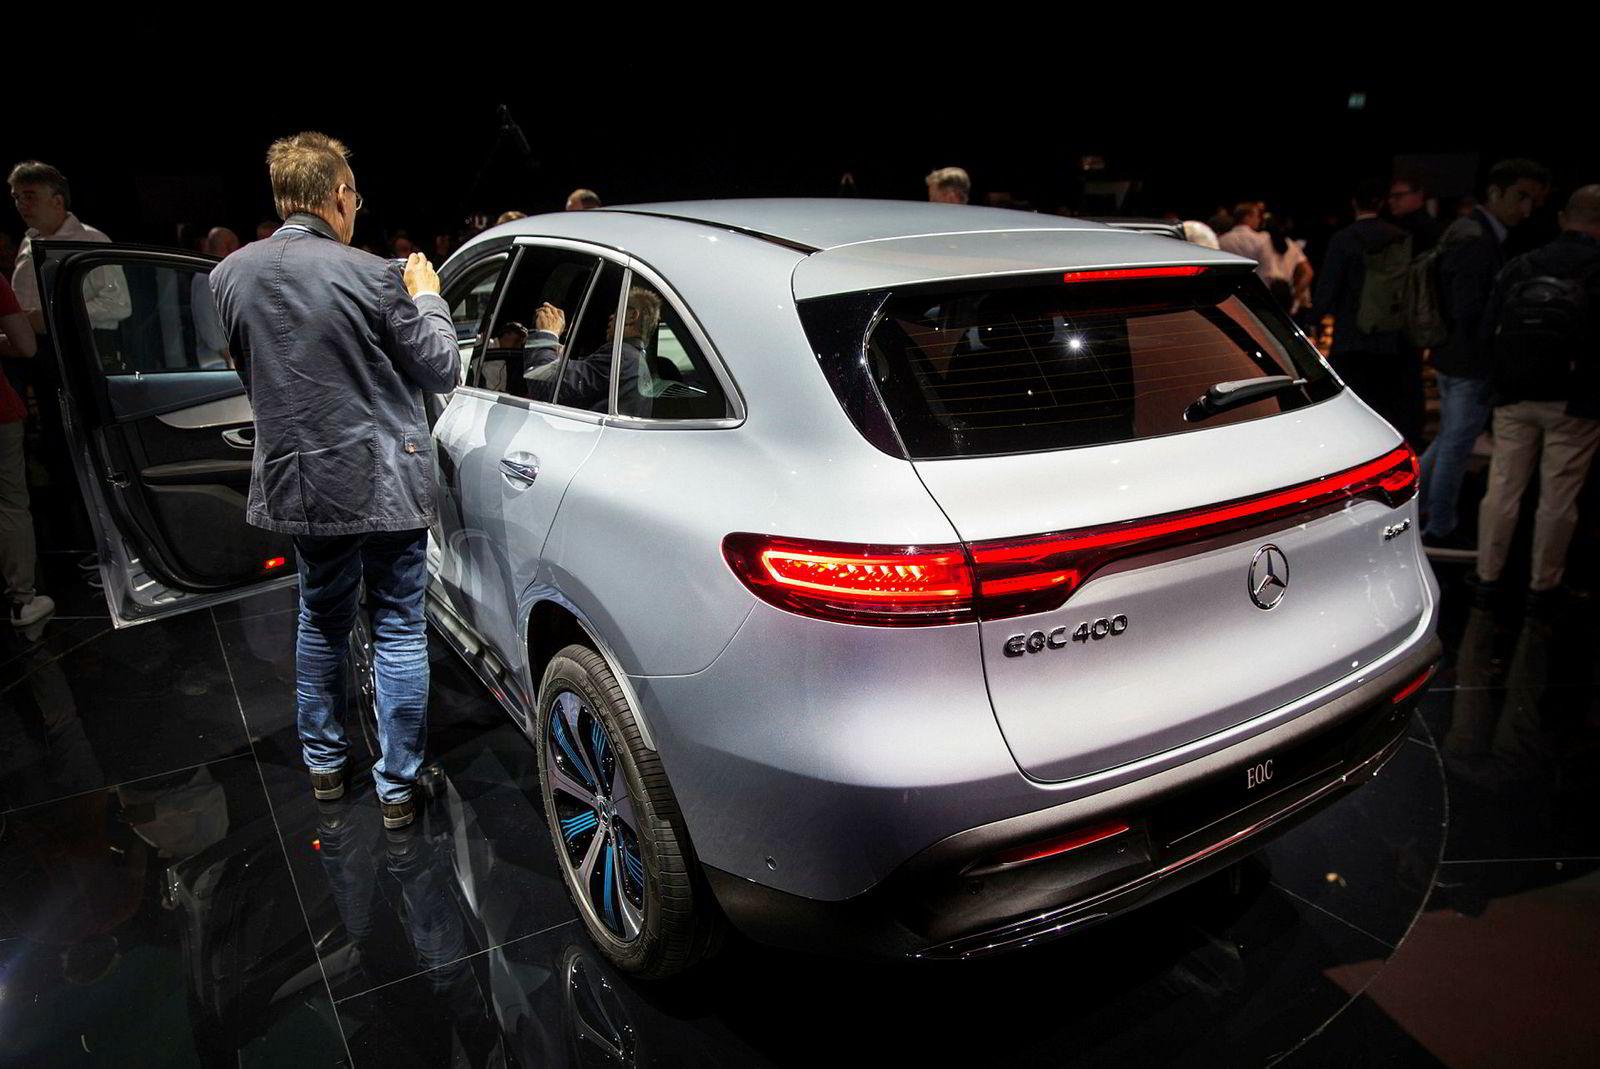 Den var mange som ønsket å se nøye på Mercedes-Benz EQC under avdukningen i Stockholm.